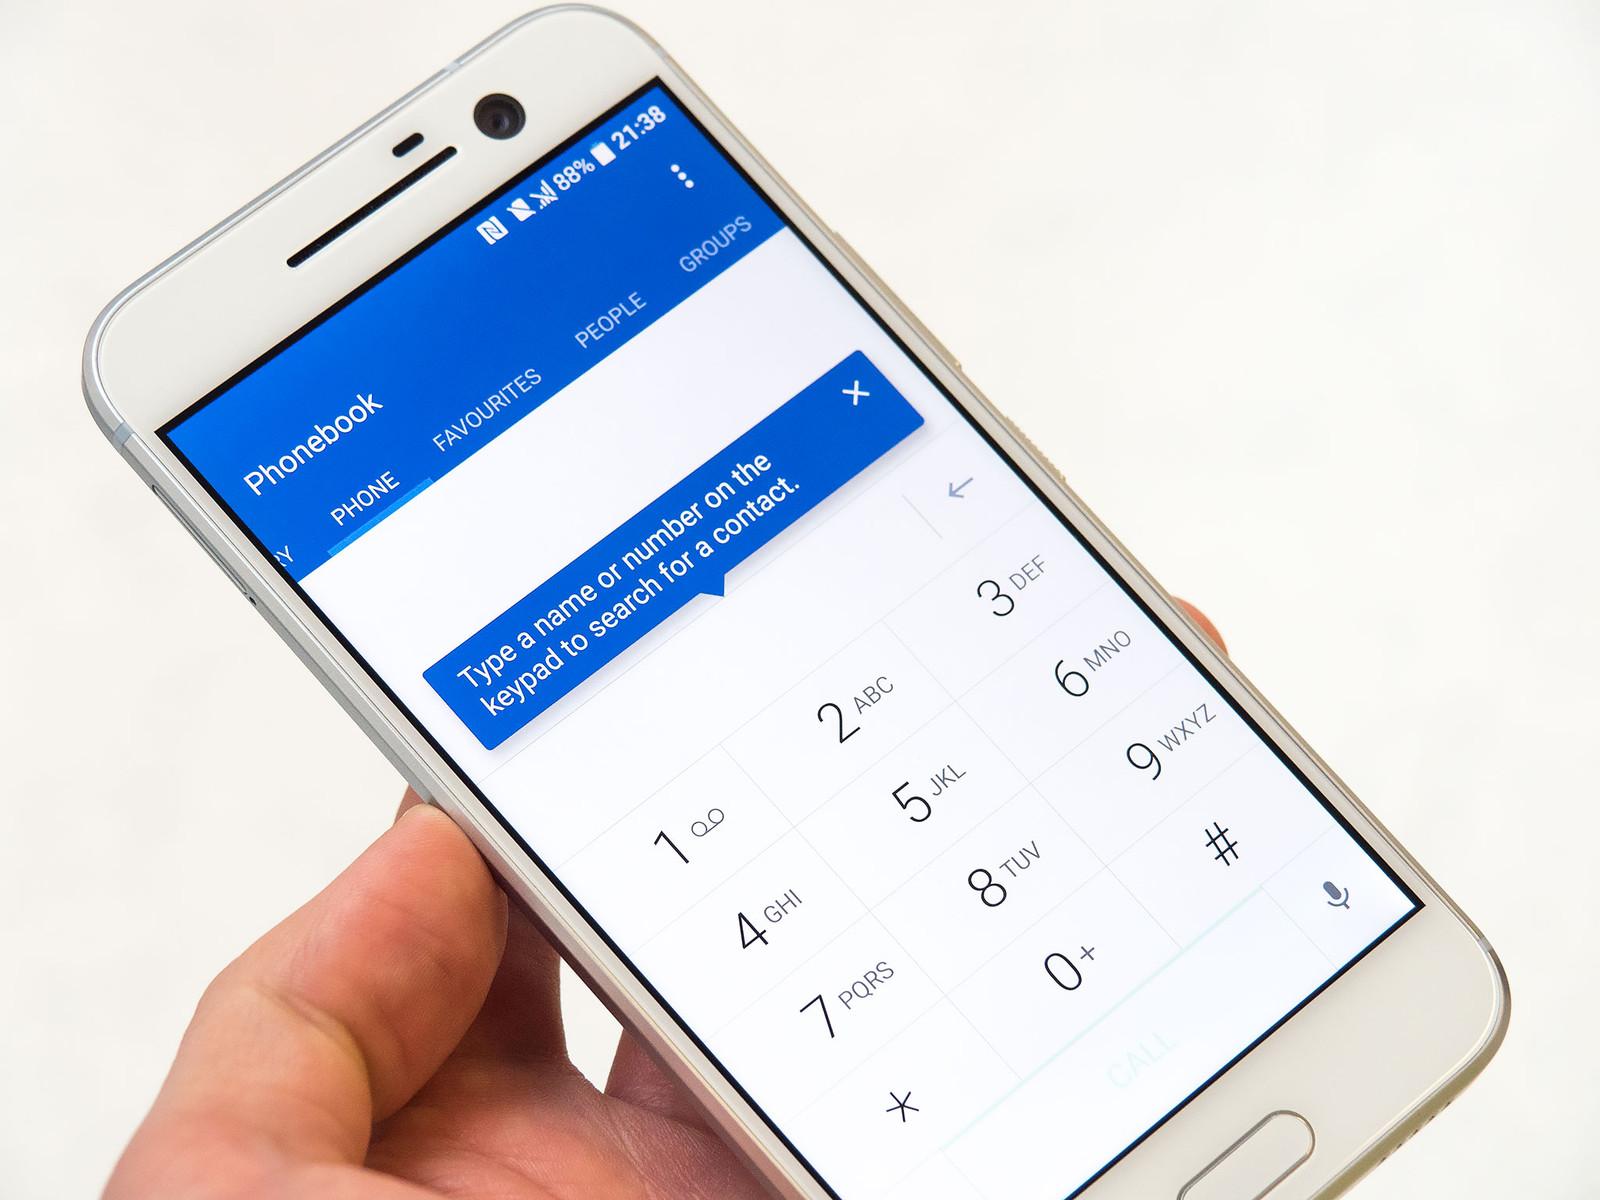 Обзор нового флагмана HTC 10 - программное обеспечение (6)